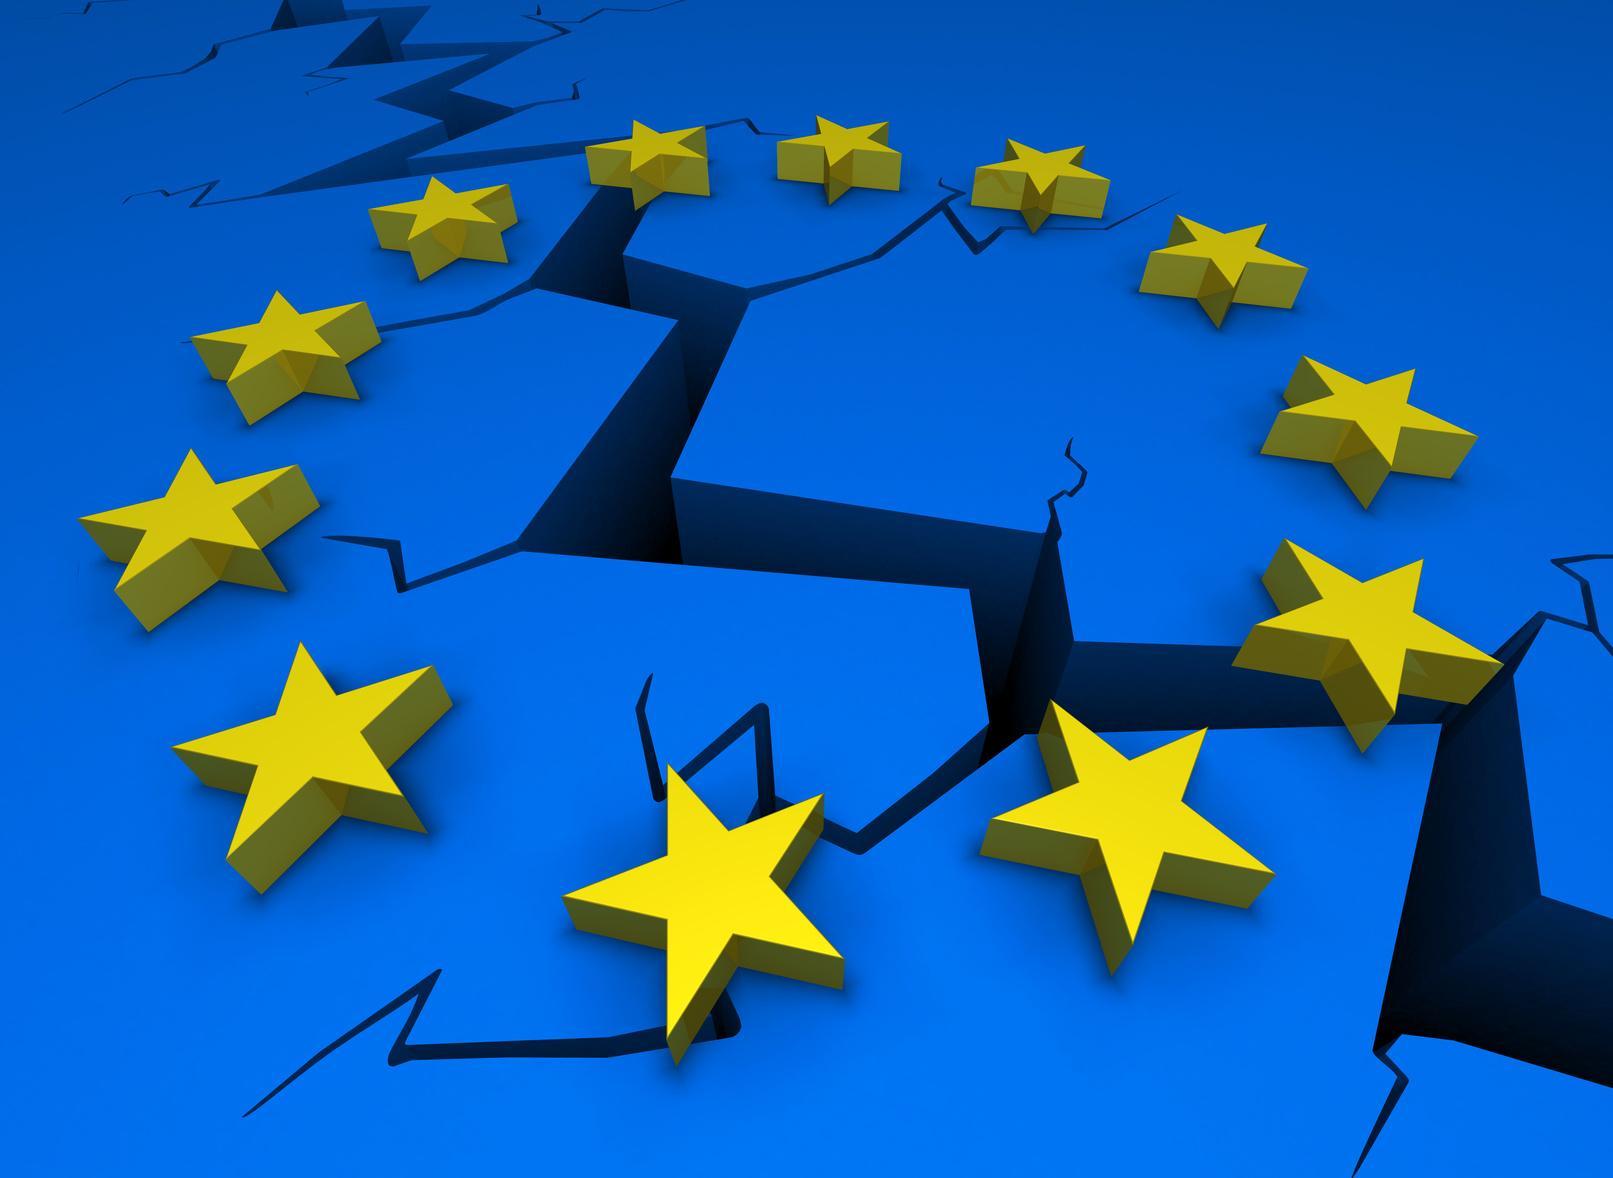 Π. Ήφαιστος, Η παρακμή της πολιτικής σκέψης και το θολό ιδεολογικό βασίλειο της ευρωπαϊκής ολοκλήρωσης